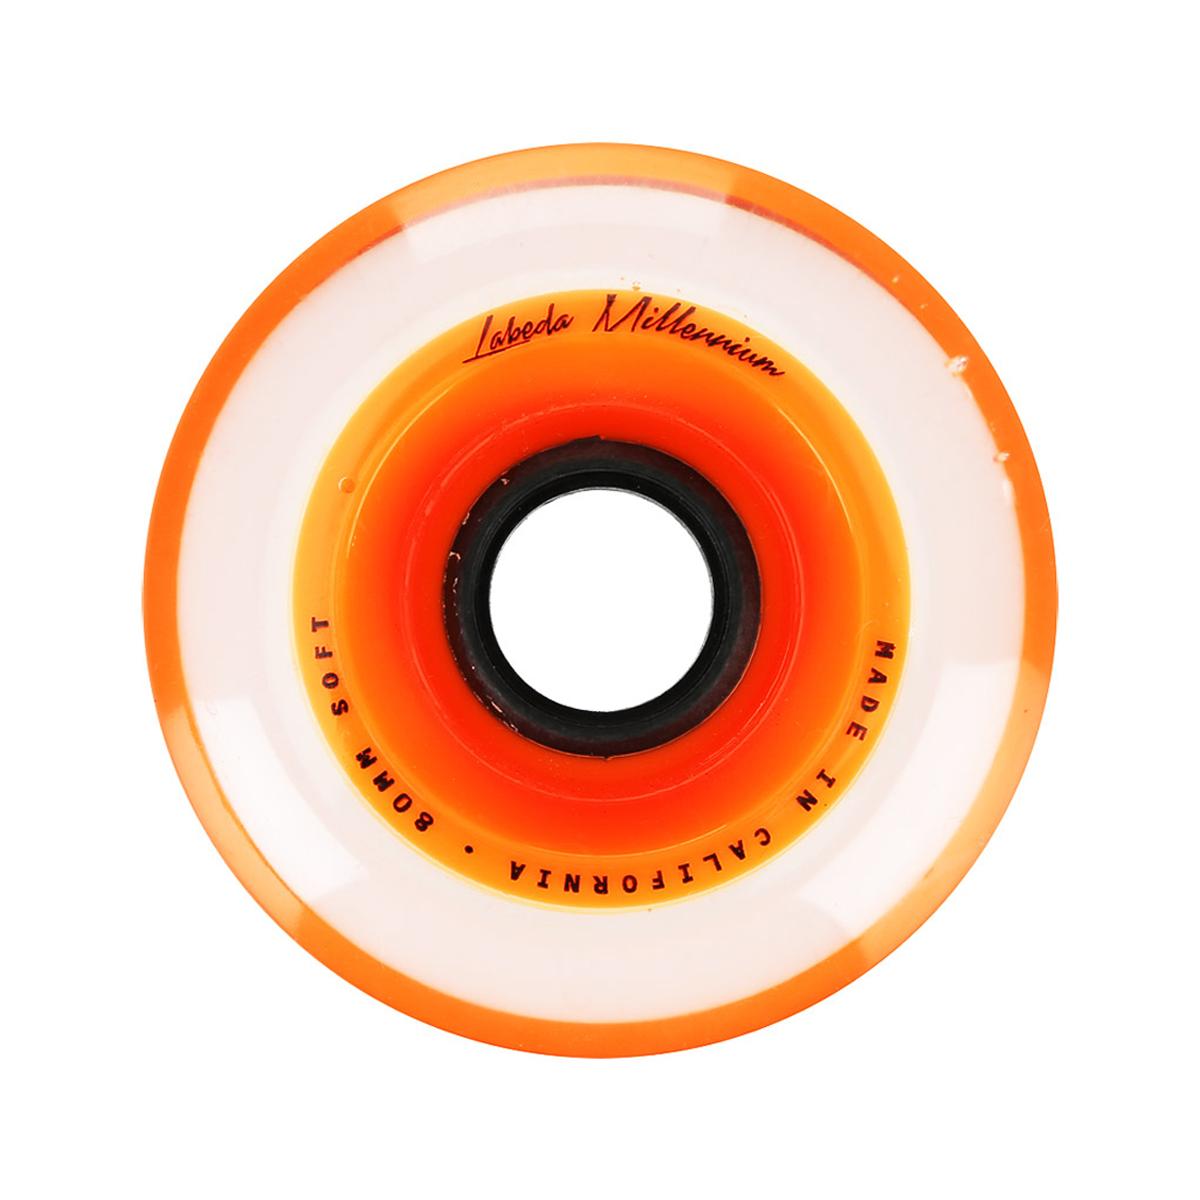 4 Pack Labeda Gripper Asphalt Hard Inline Hockey Skate Wheels